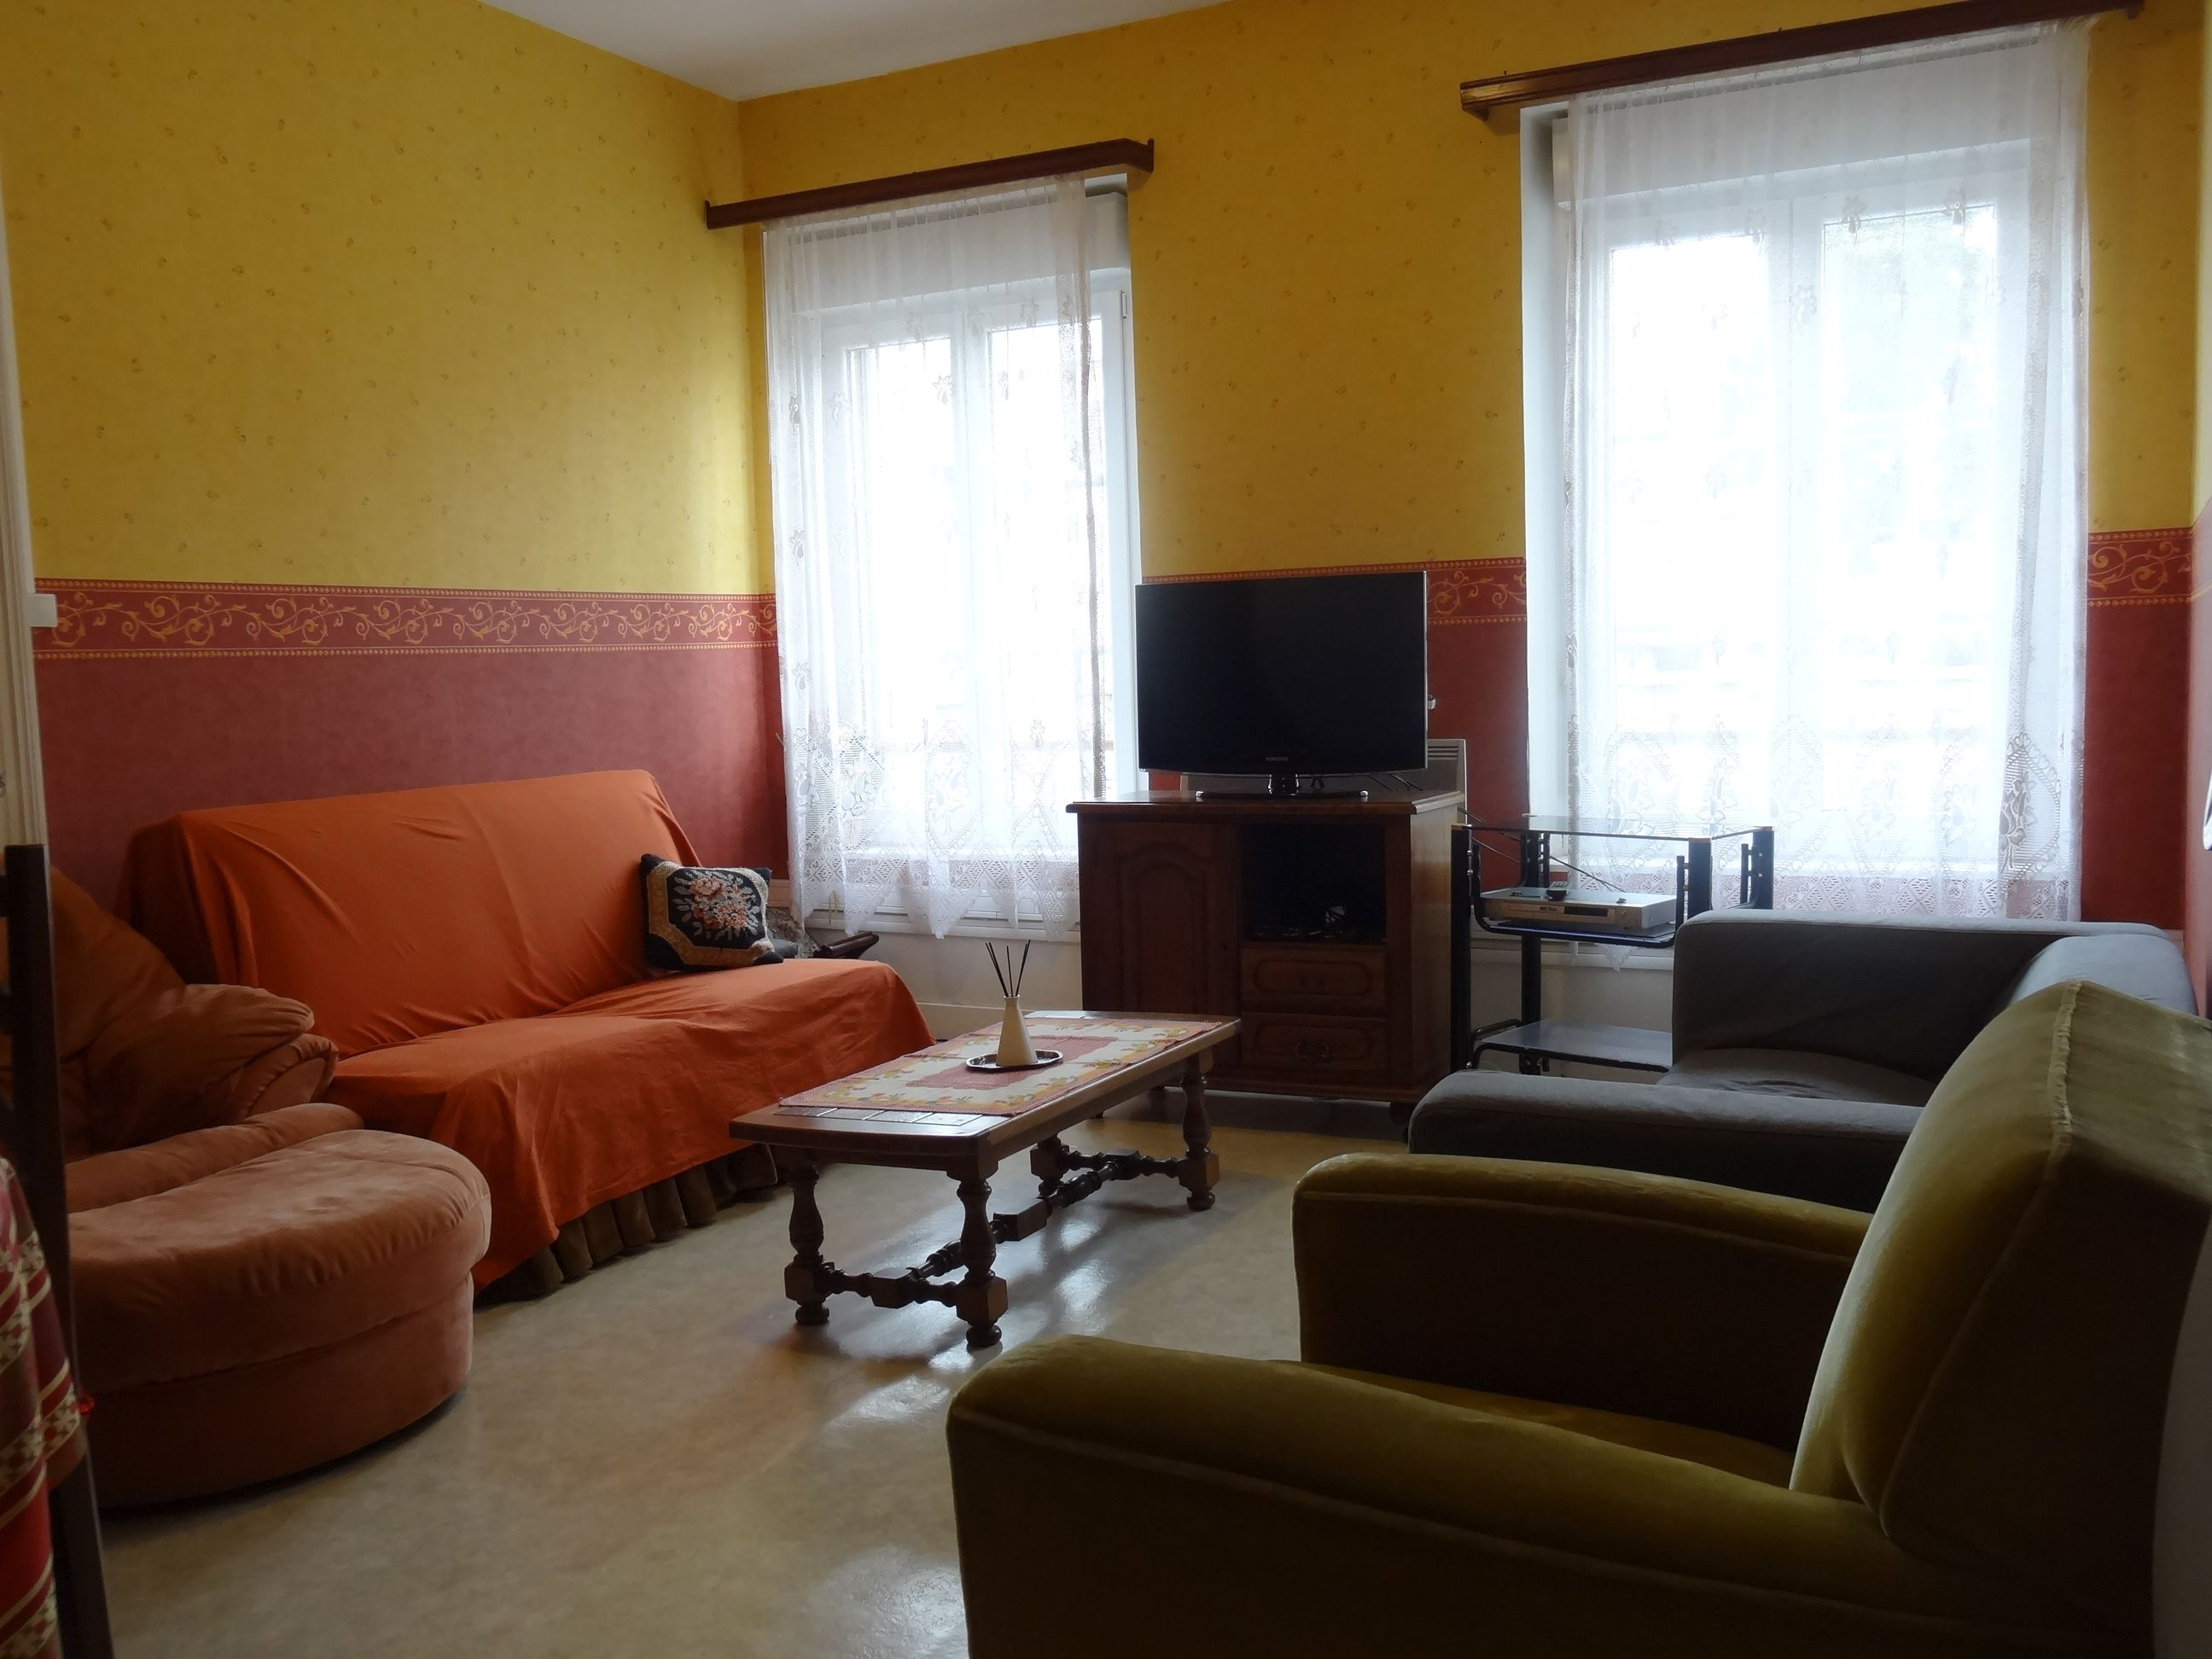 Salon ,2 canapés 3 places, 2 Fauteuils,télévision grand écran, parabole + internet,wifi.